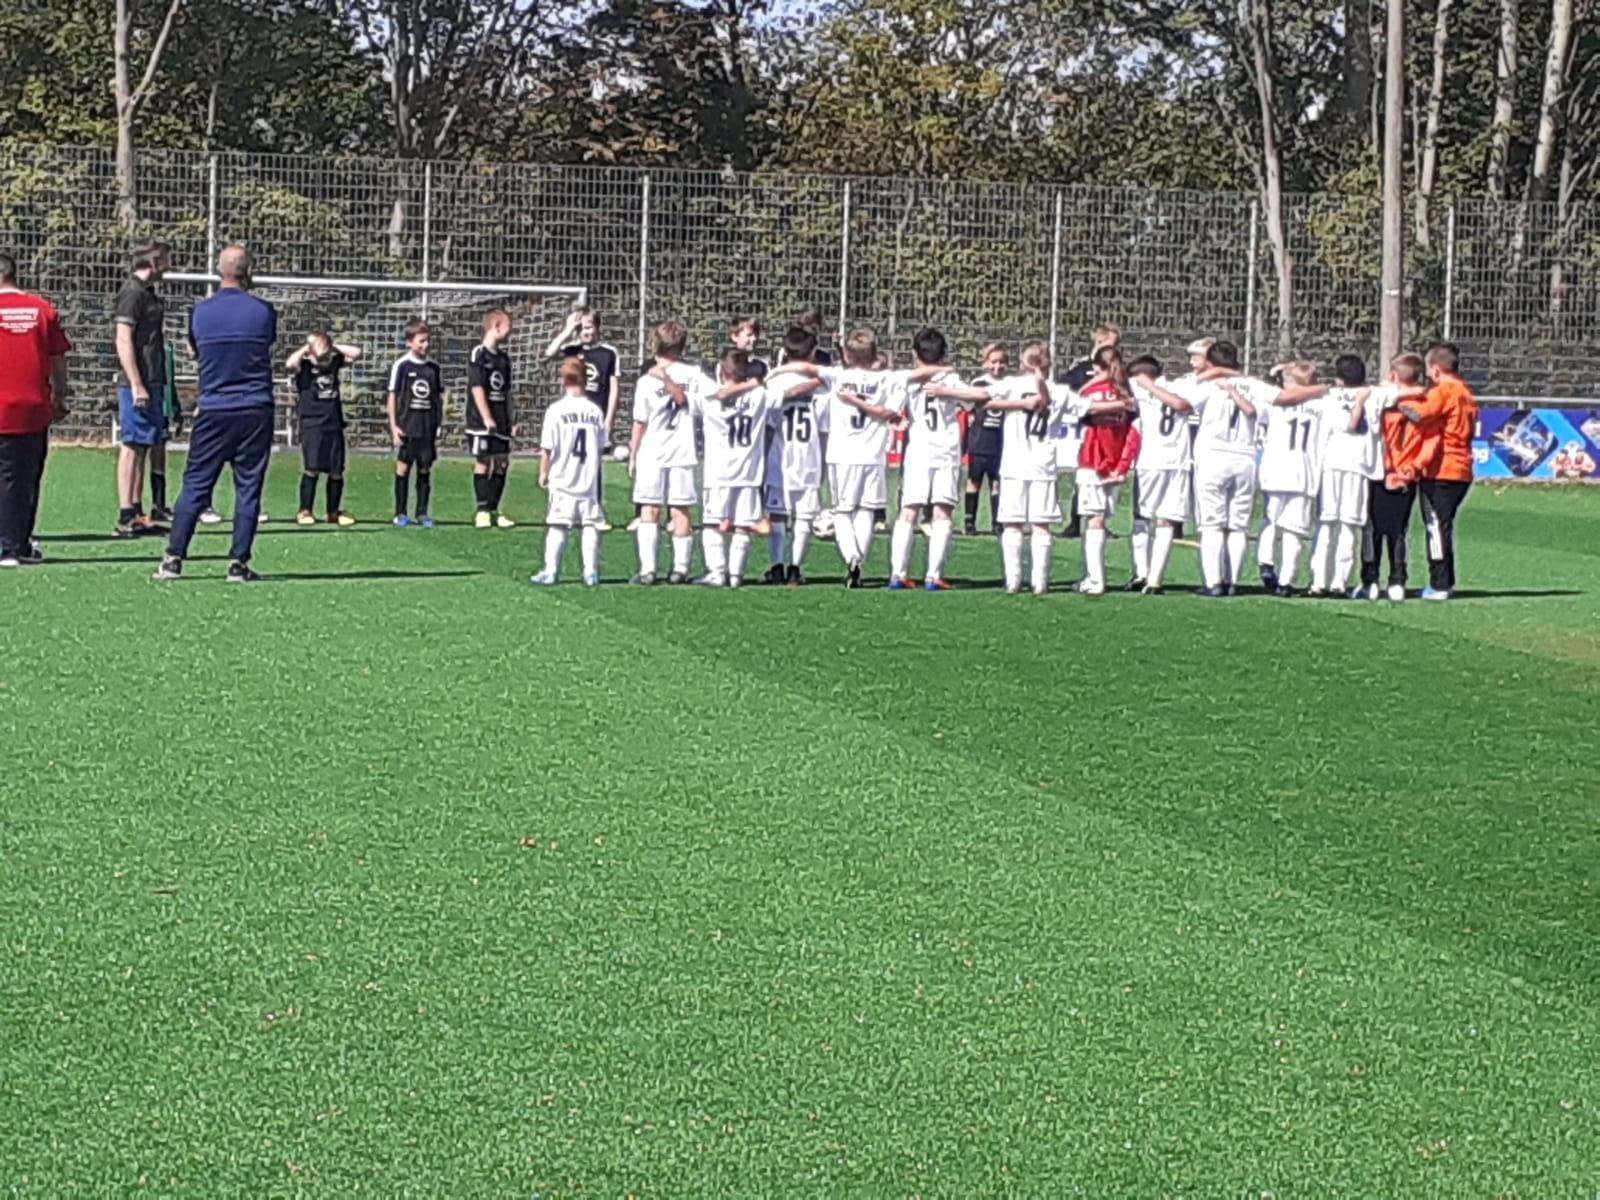 E2-Junioren des VfB Linz zu Gast beim FC Horchheim